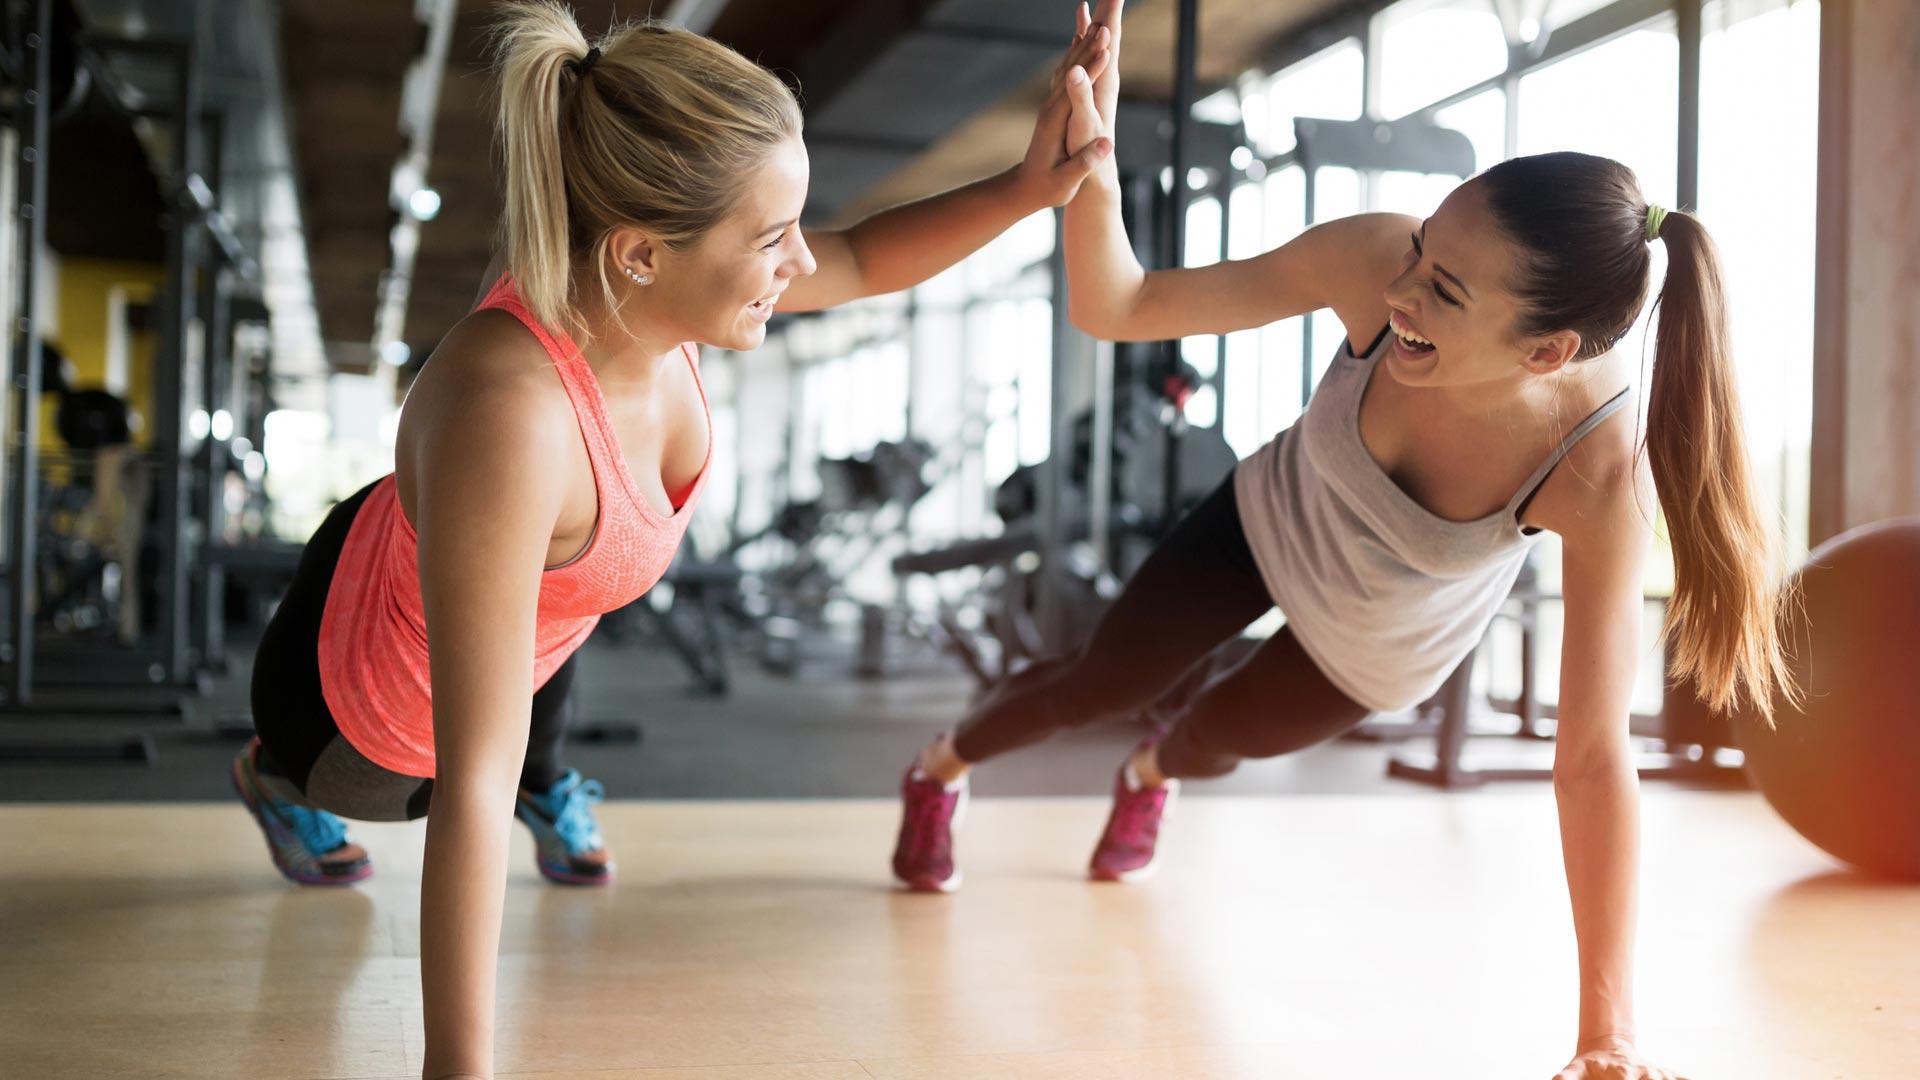 dos-mujeres-haciendo-ejercicio-en-el-gimnasio